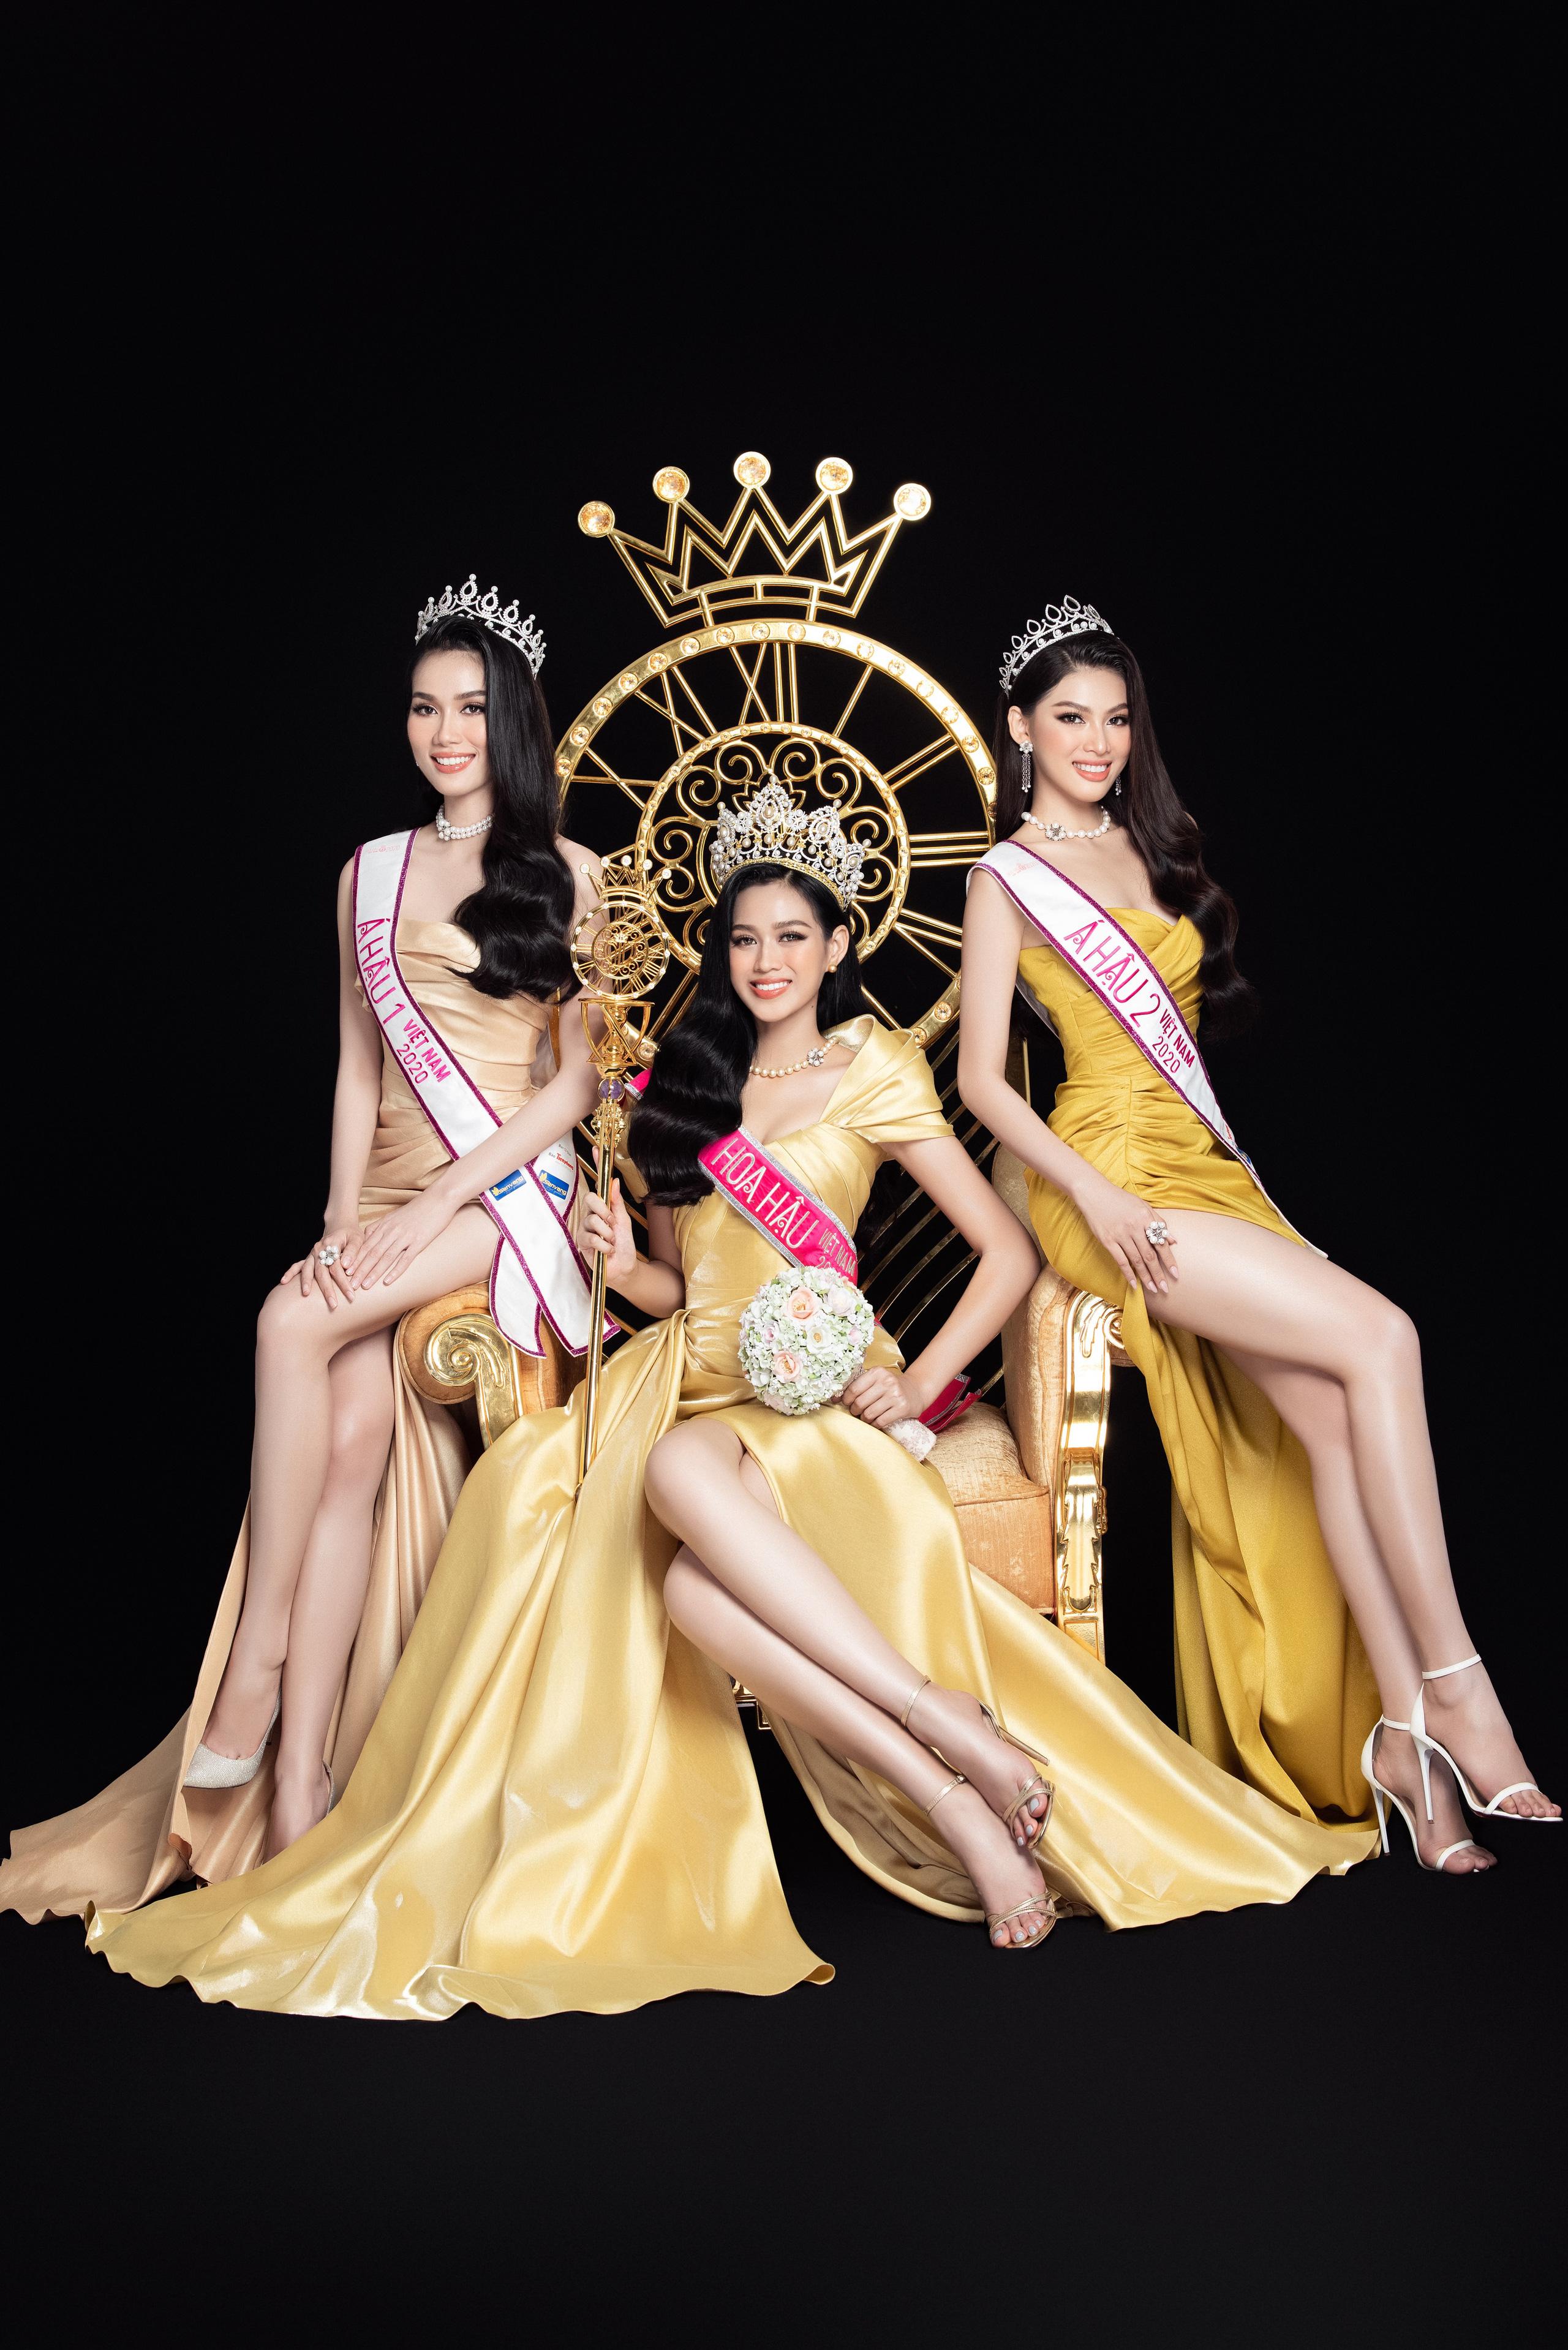 Soi nhan sắc Hoa hậu Đỗ Thị Hà và 2 Á hậu sau một tháng đăng quang - Ảnh 2.